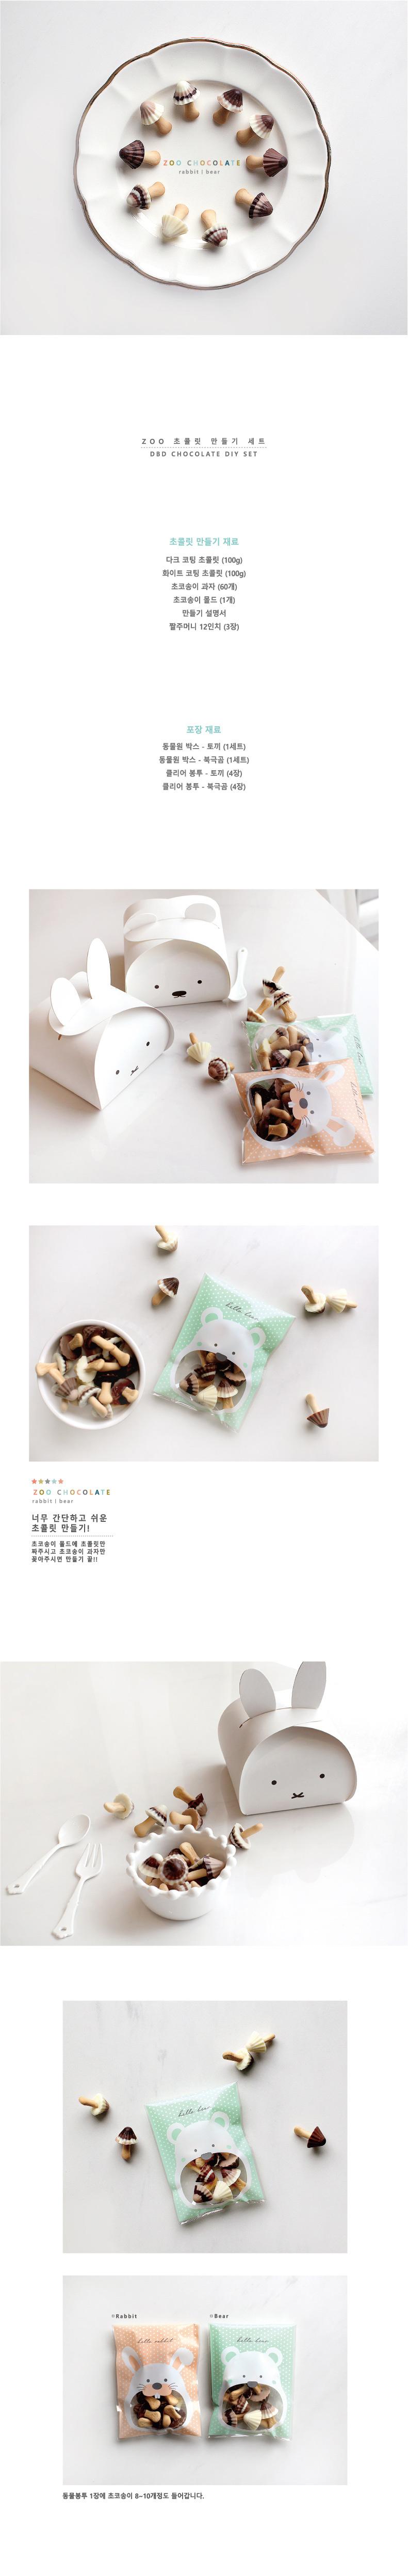 초콜릿 만들기 세트 - Zoo - 디비디, 18,000원, DIY세트, 막대과자 만들기